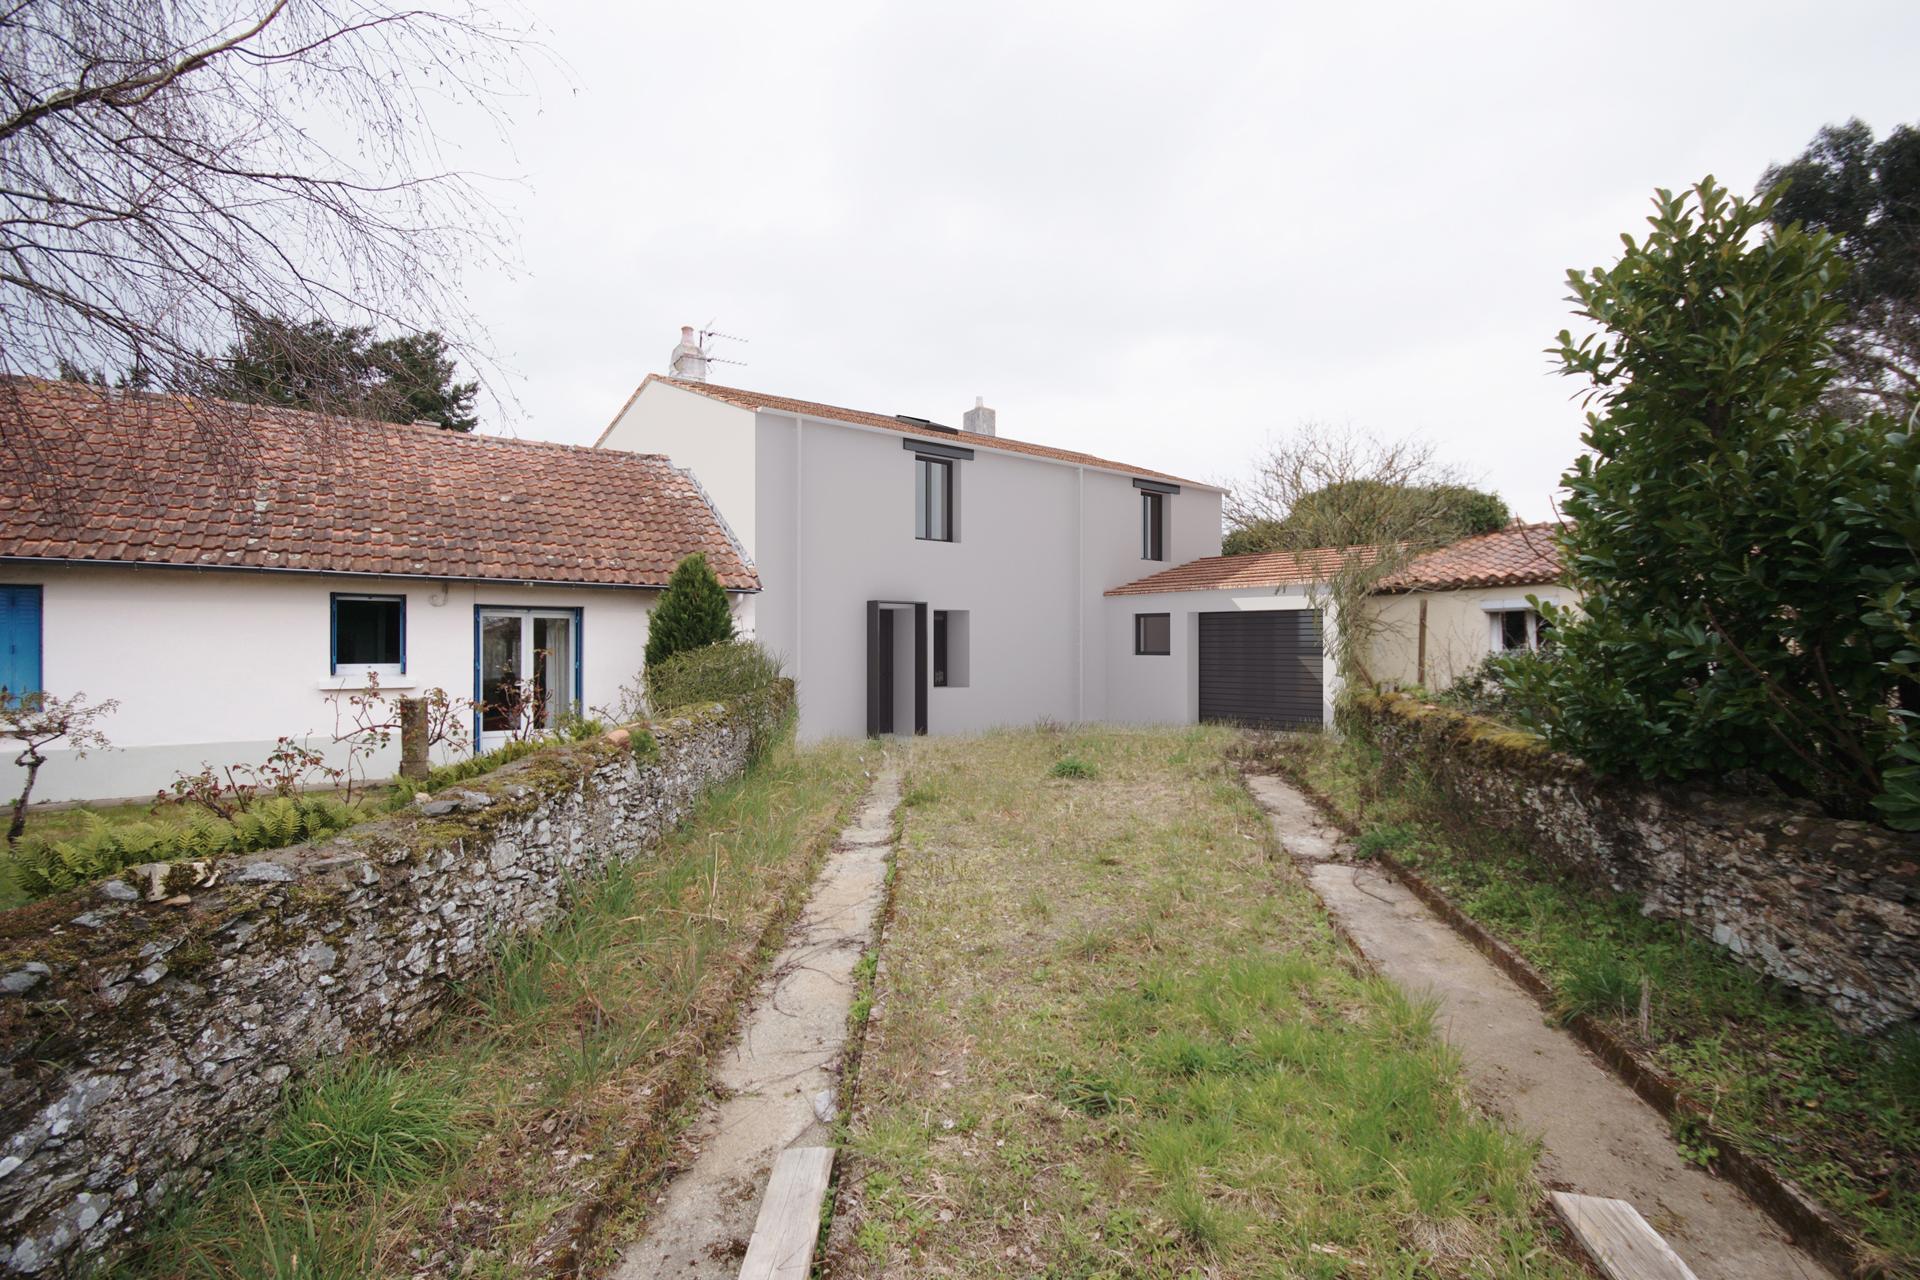 Rénovation et extension d'une maison individuelle à Saint Sébastien sur Loire (44)